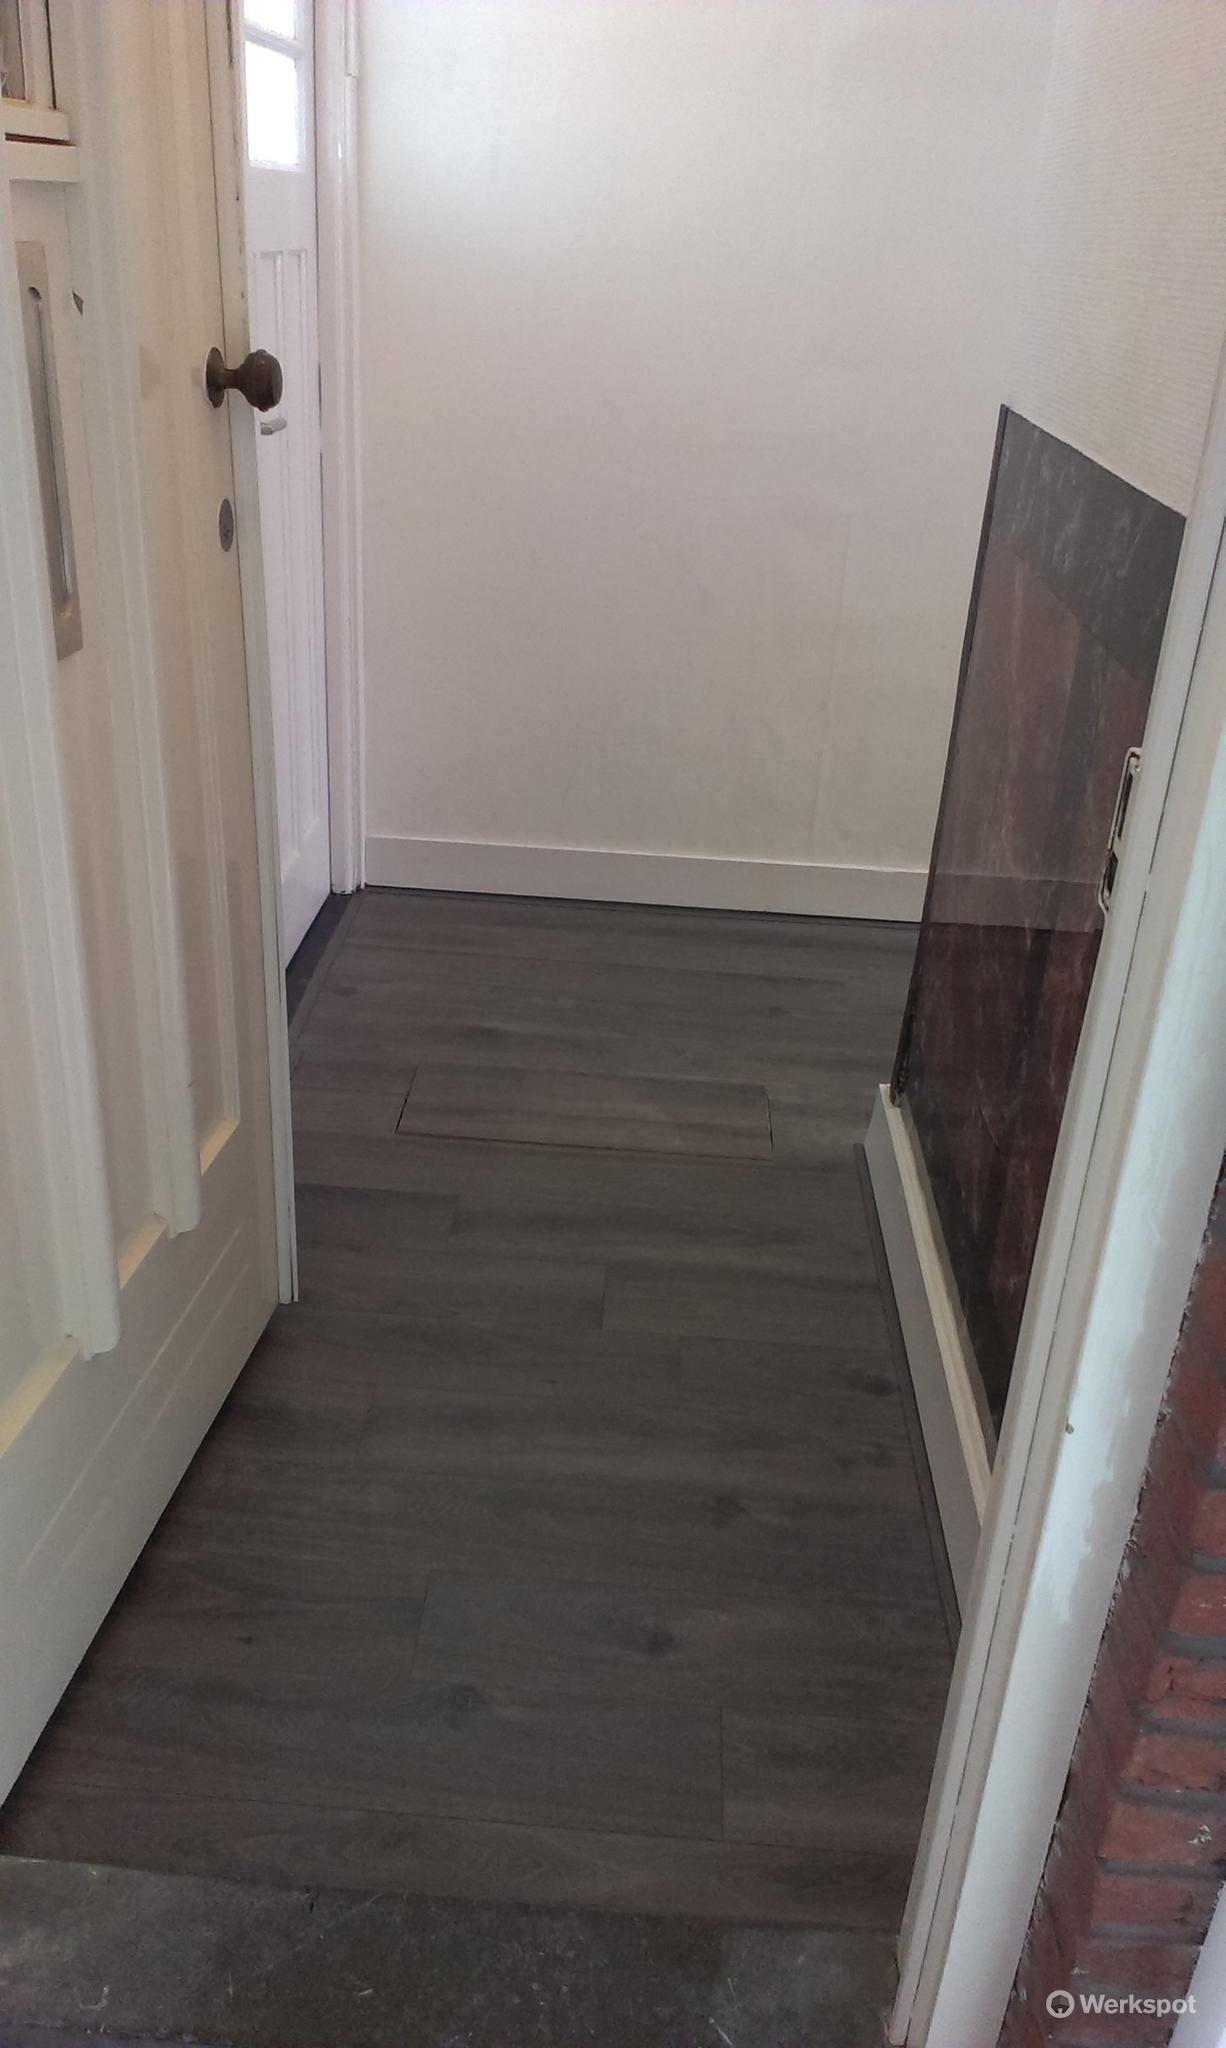 laminaat en vloerplaten leggen in de gang op een houtenvloer